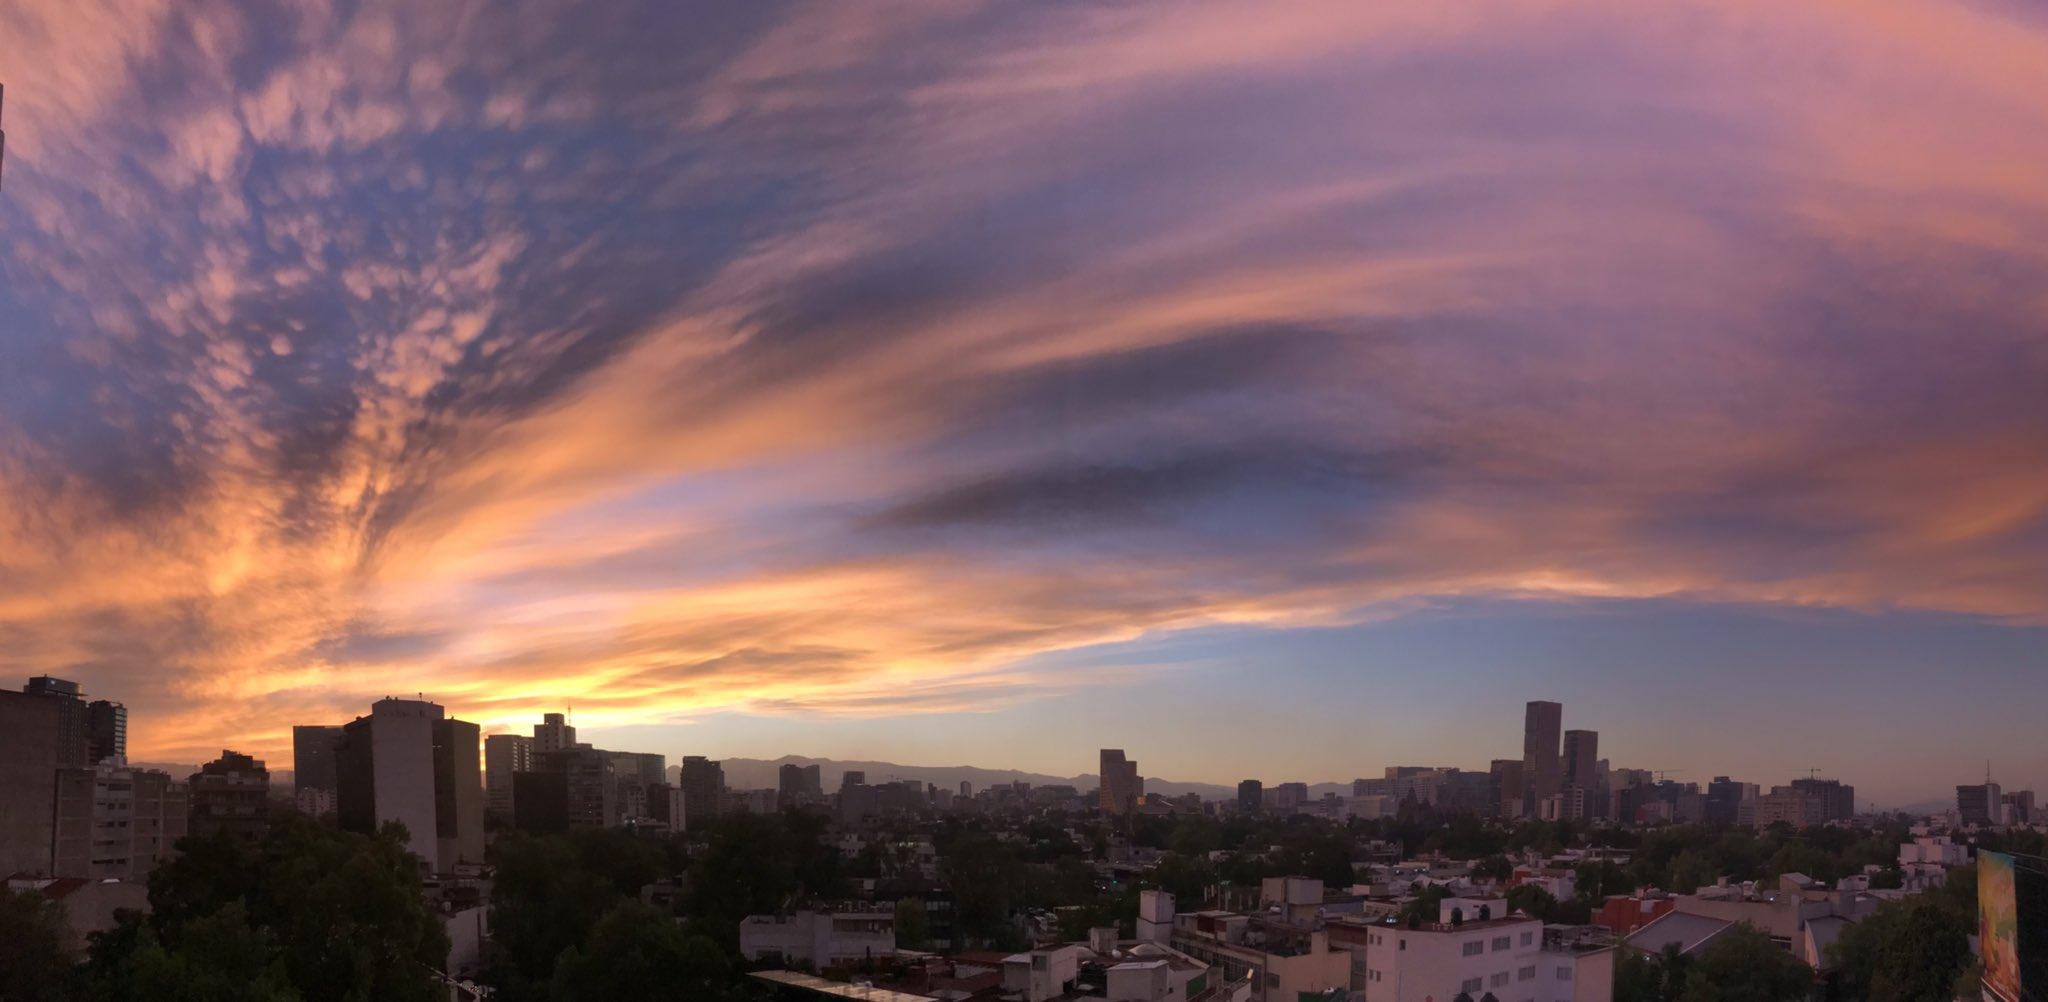 amanecer-atardecer-fotos-cdmx-mejores-17-febrero-invierno-02